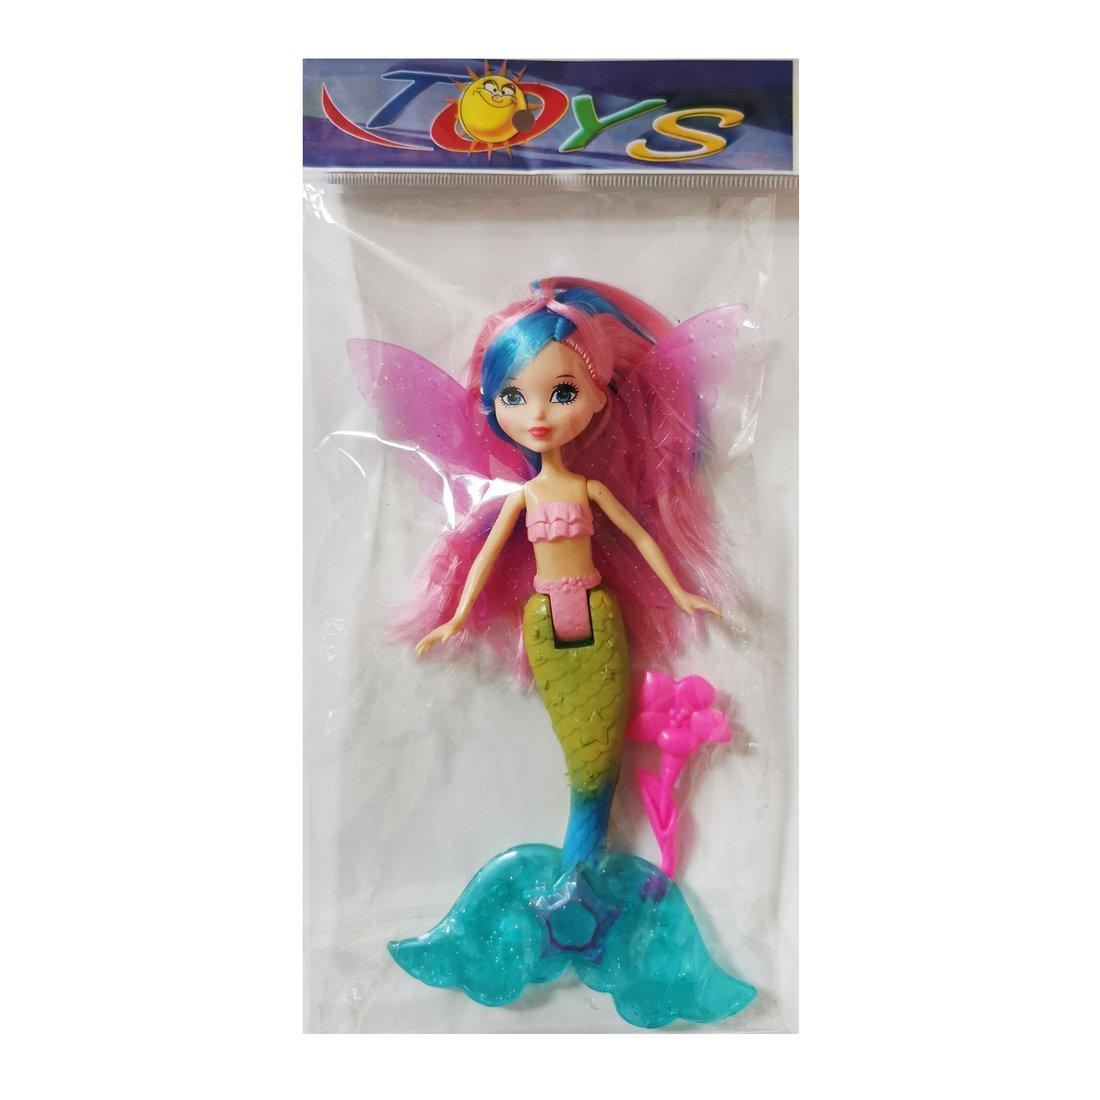 """Игр. набор """"Русалка"""", в комплекте кукла 24 см, предметов 1шт, пакет"""